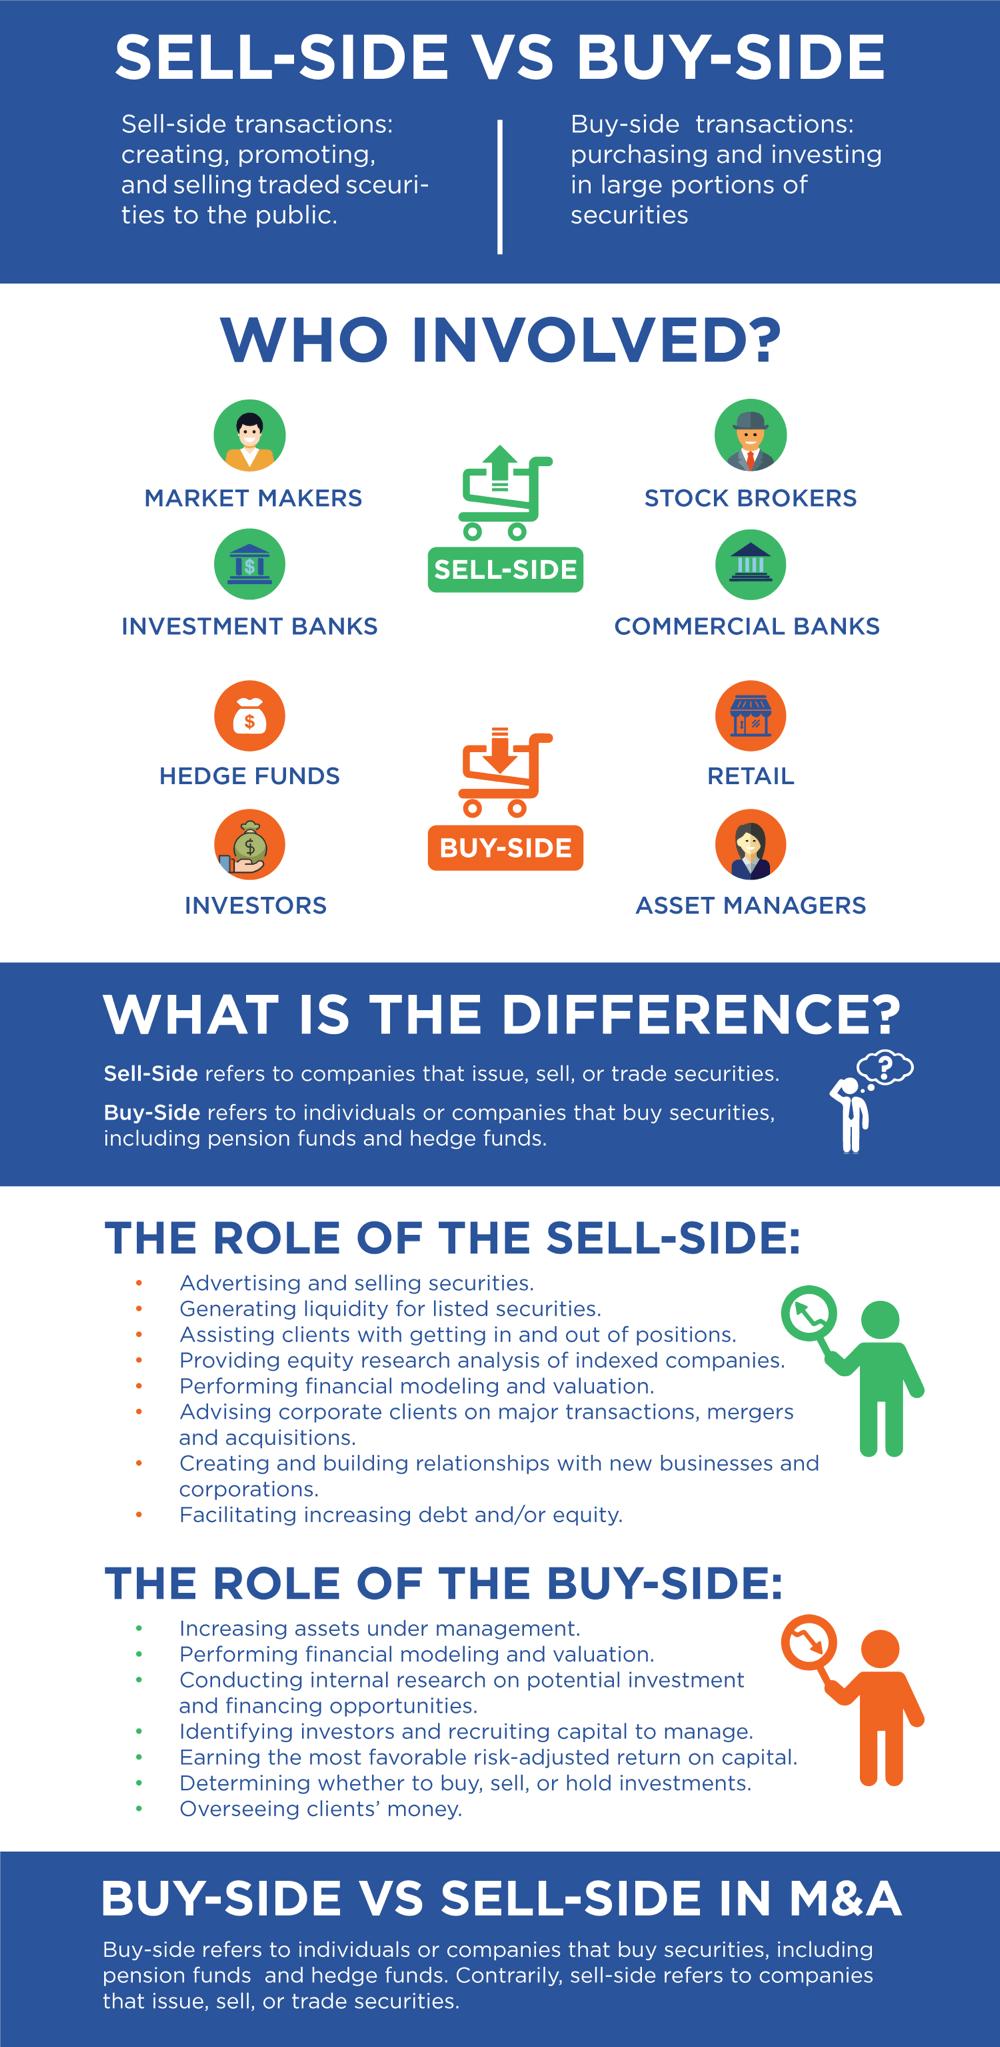 sell-side vs buy-side